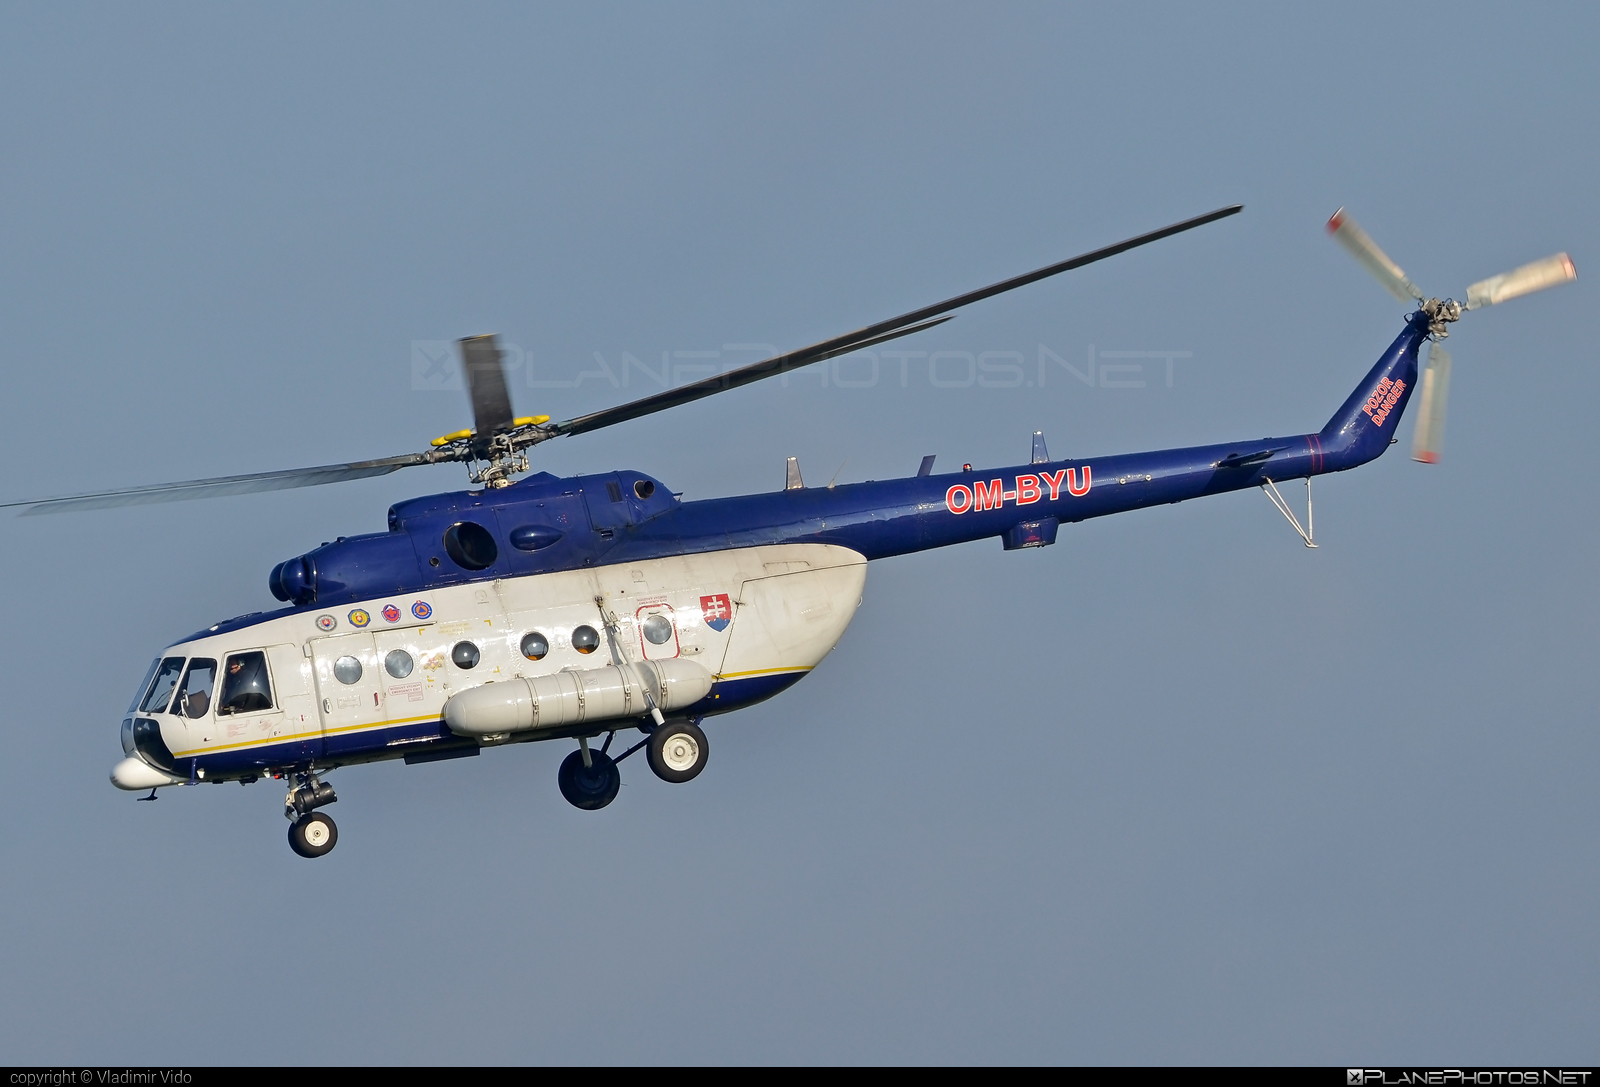 Mil Mi-171 - OM-BYU operated by Letecký útvar MV SR (Slovak Government Flying Service) #SlovakGovernmentFlyingService #leteckyutvarMVSR #mi171 #mil #mil171 #milhelicopters